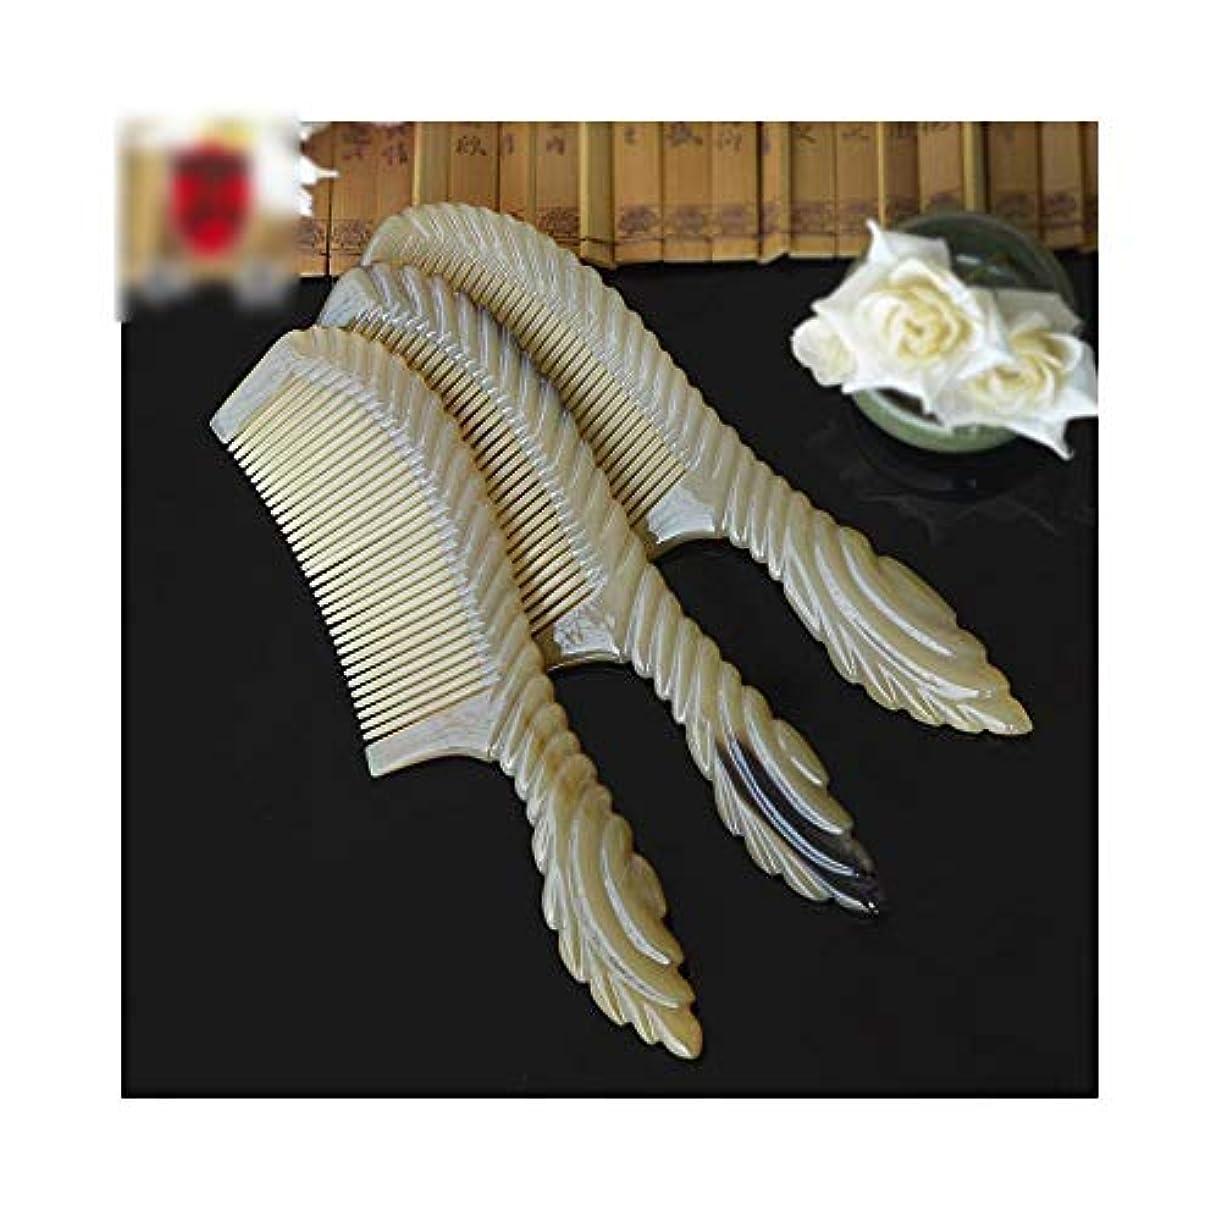 咳探検赤字ZYDP 帯電防止毛の櫛の女性のための自然な水牛の角の櫛の良い歯の櫛 (色 : 7087)